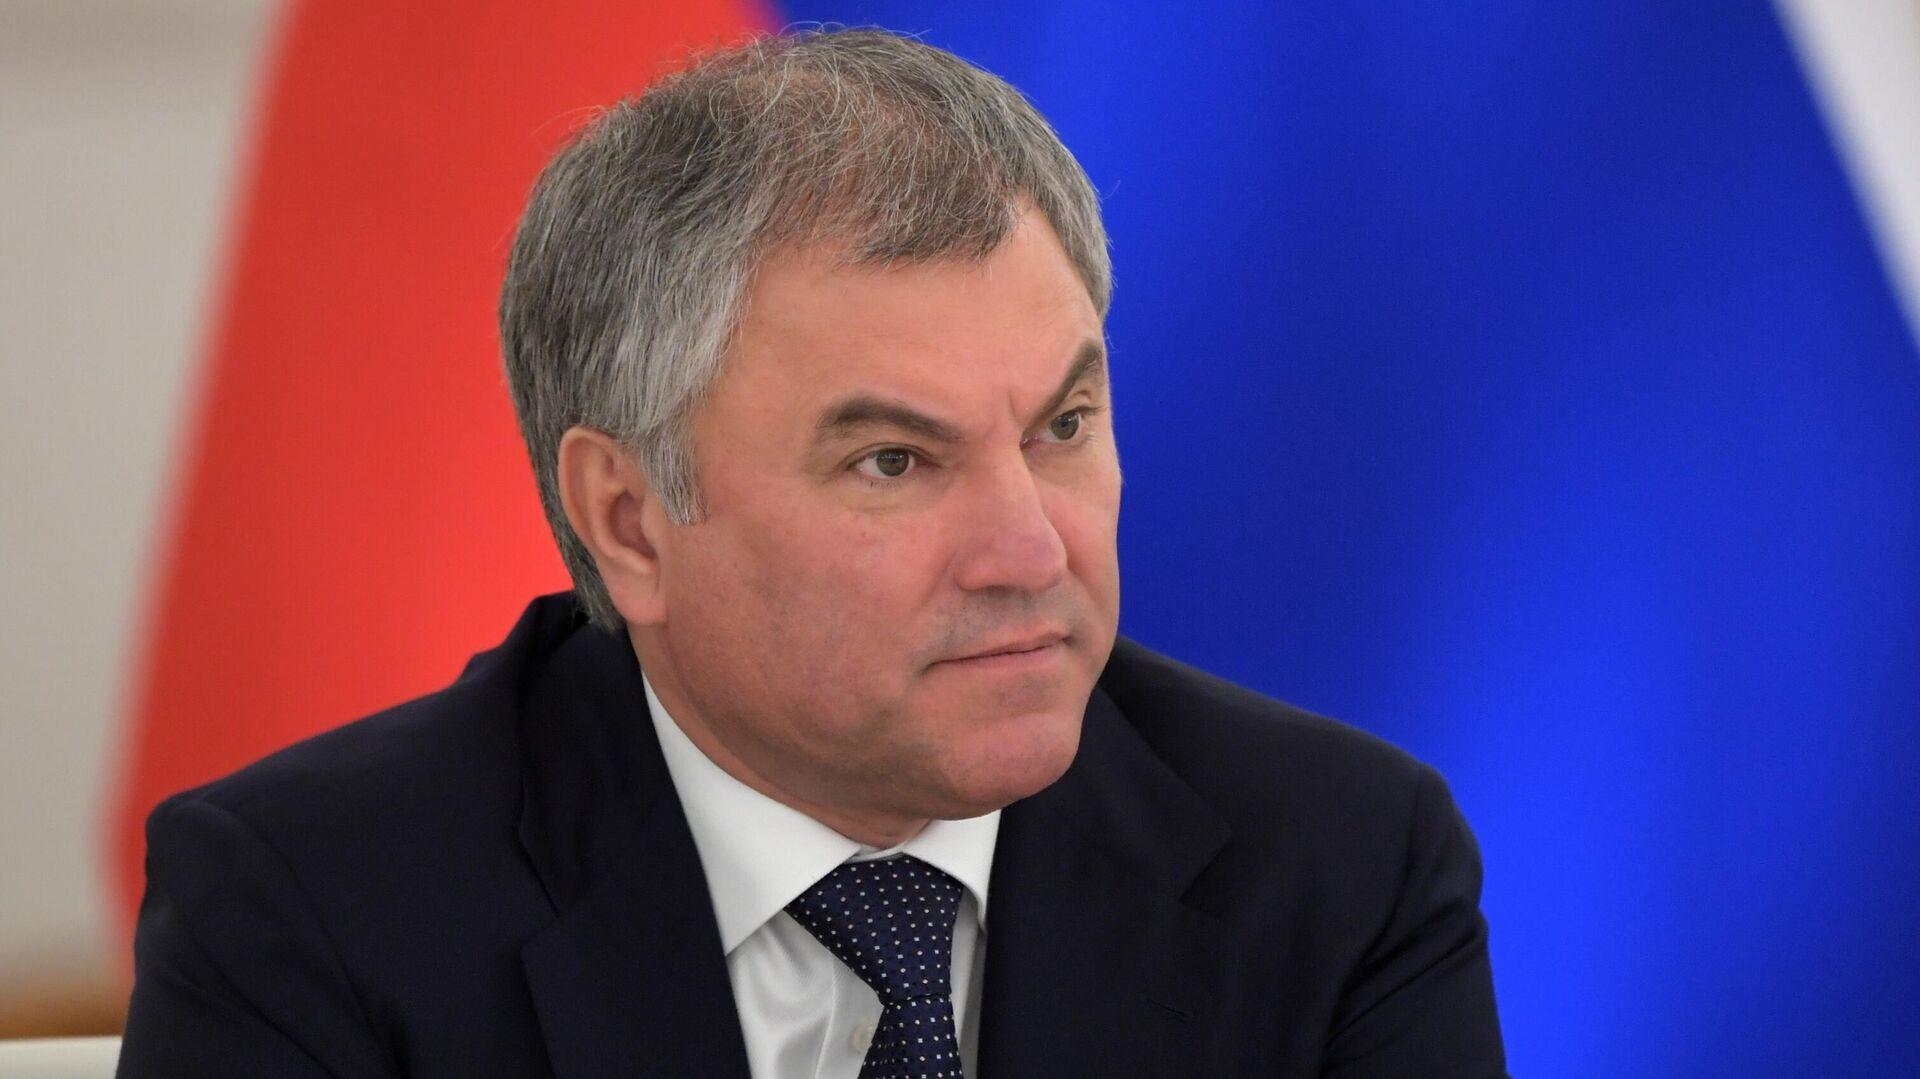 Володин предложил закрепить предвыборные обещания депутатов юридически